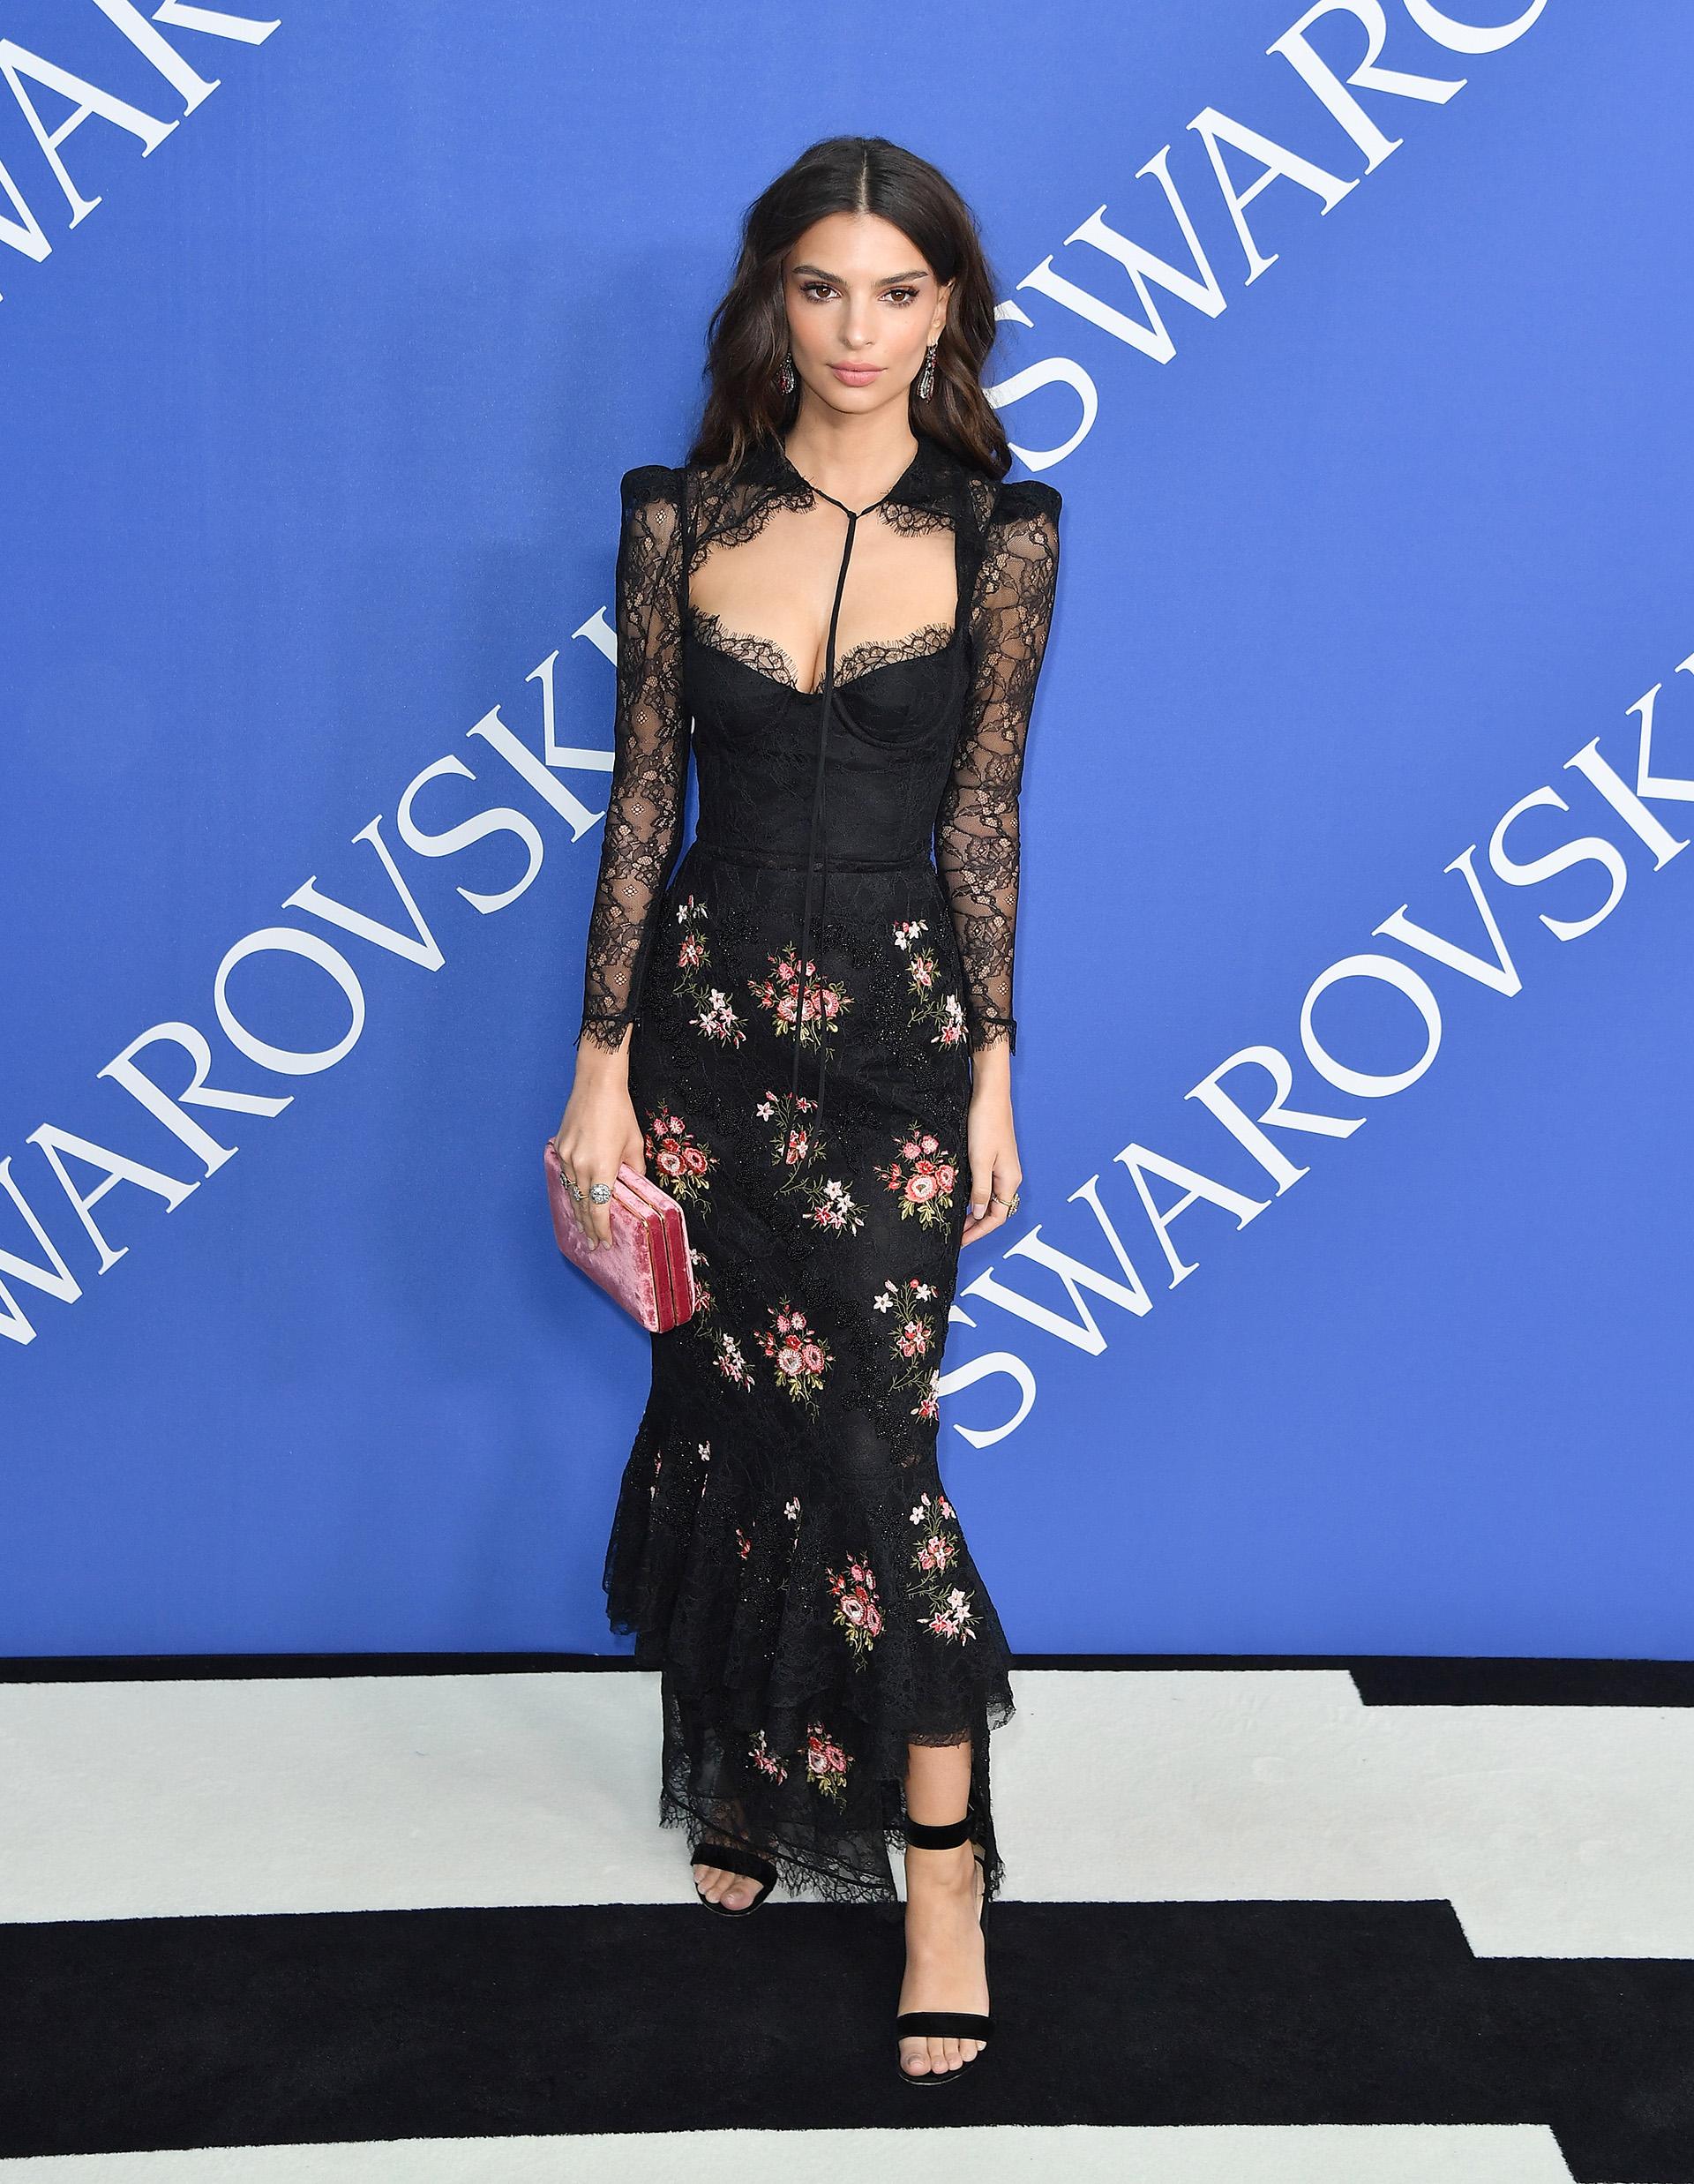 Emily Ratajkowski con uno de los looks más sensuales de la noche